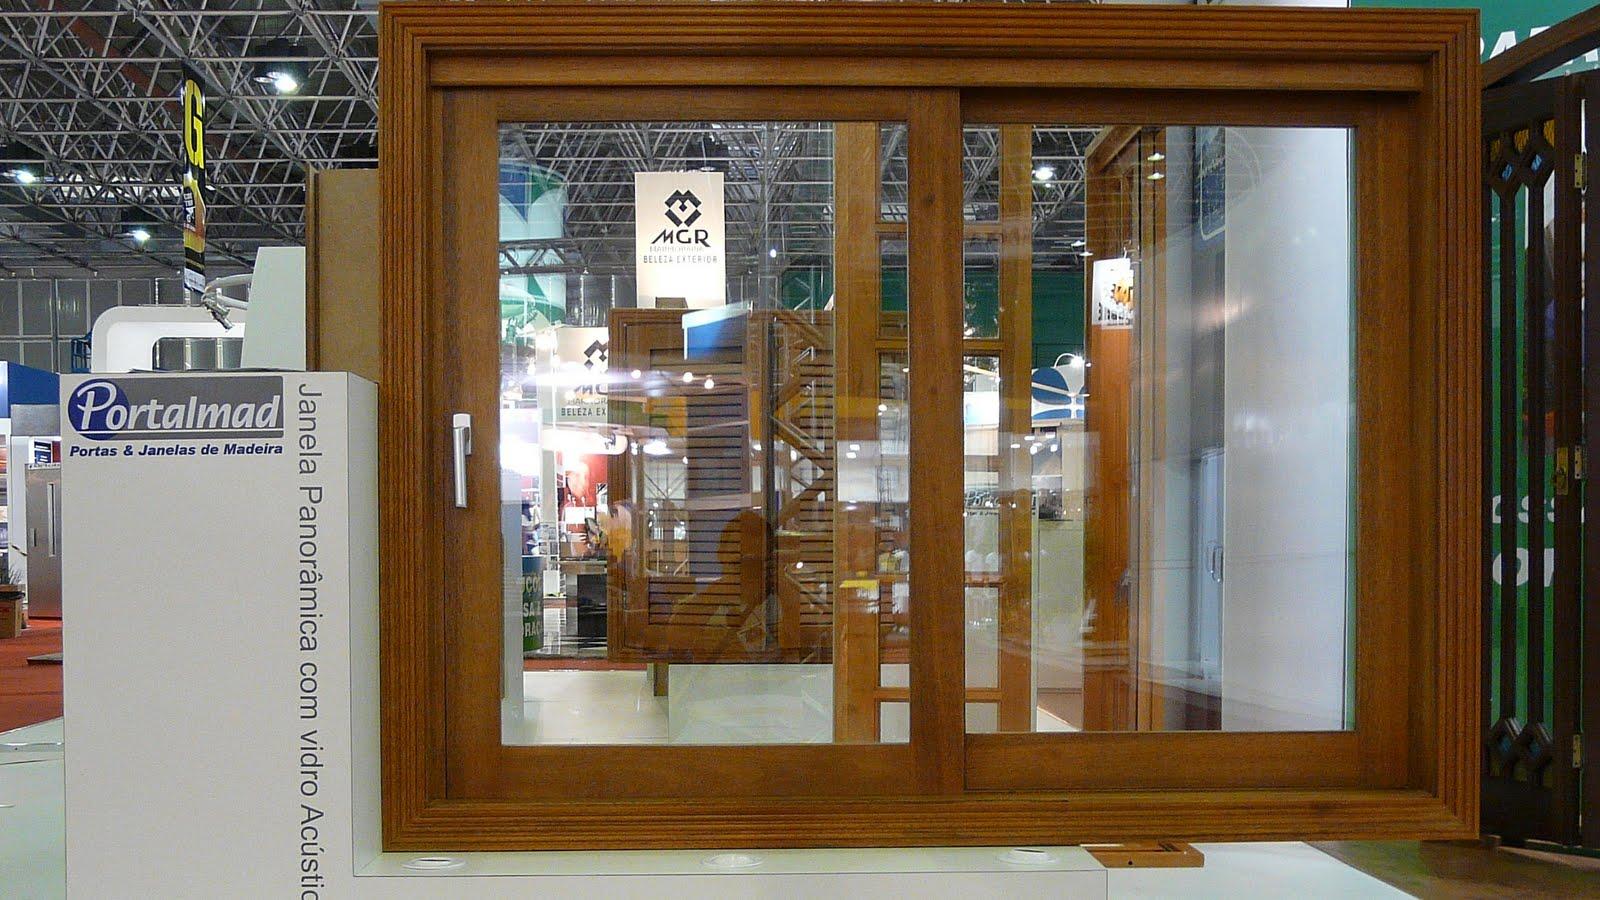 #663C14 Portalmad Portas e Janelas soluções completas em esquadrias de  700 Janelas Venezianas De Aluminio Sob Medida